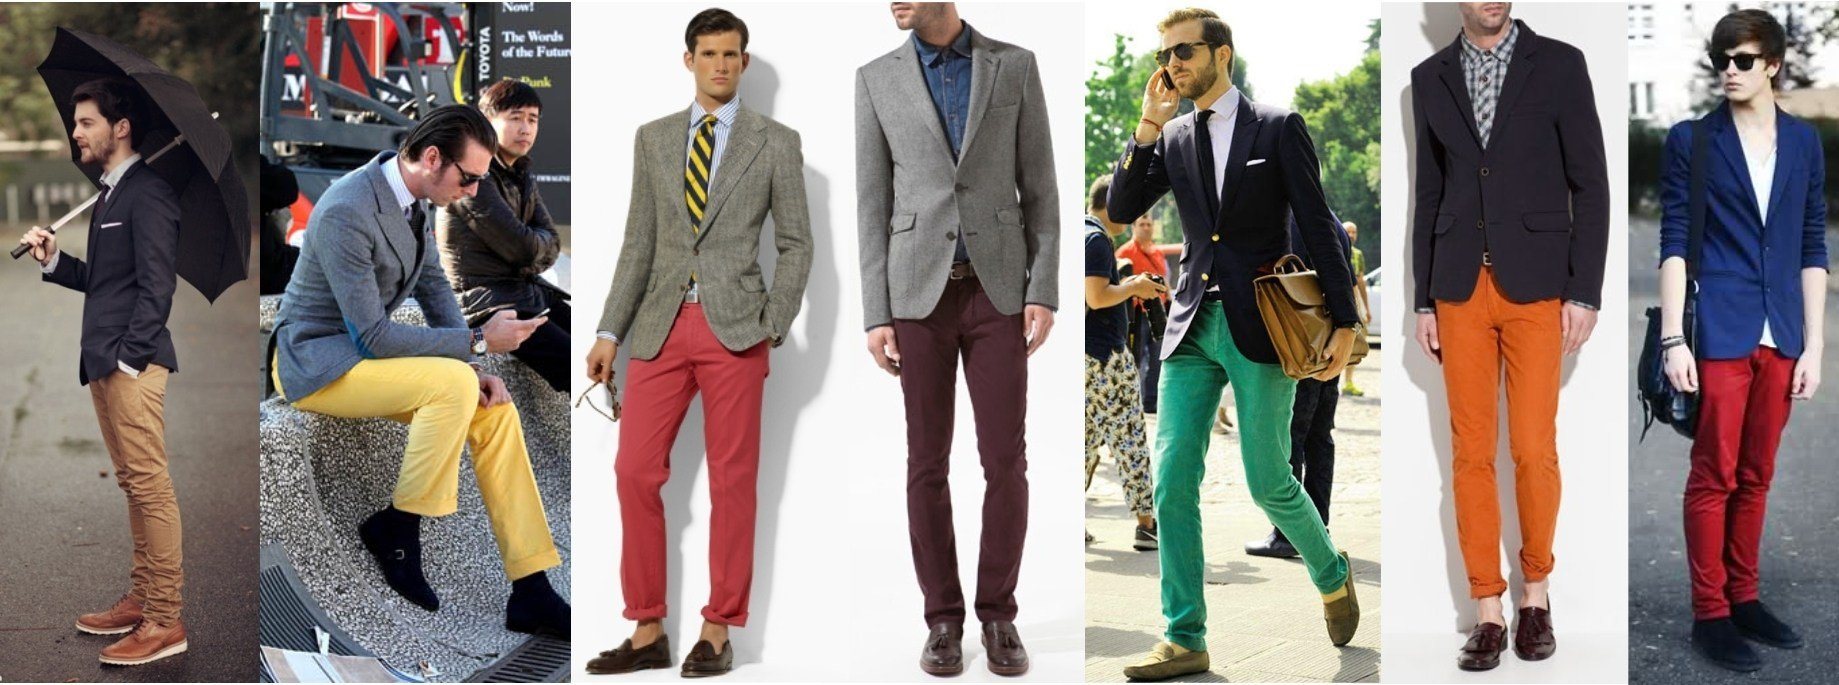 blazer_preto_cinza_marinho_calças_coloridas_pra_vestir